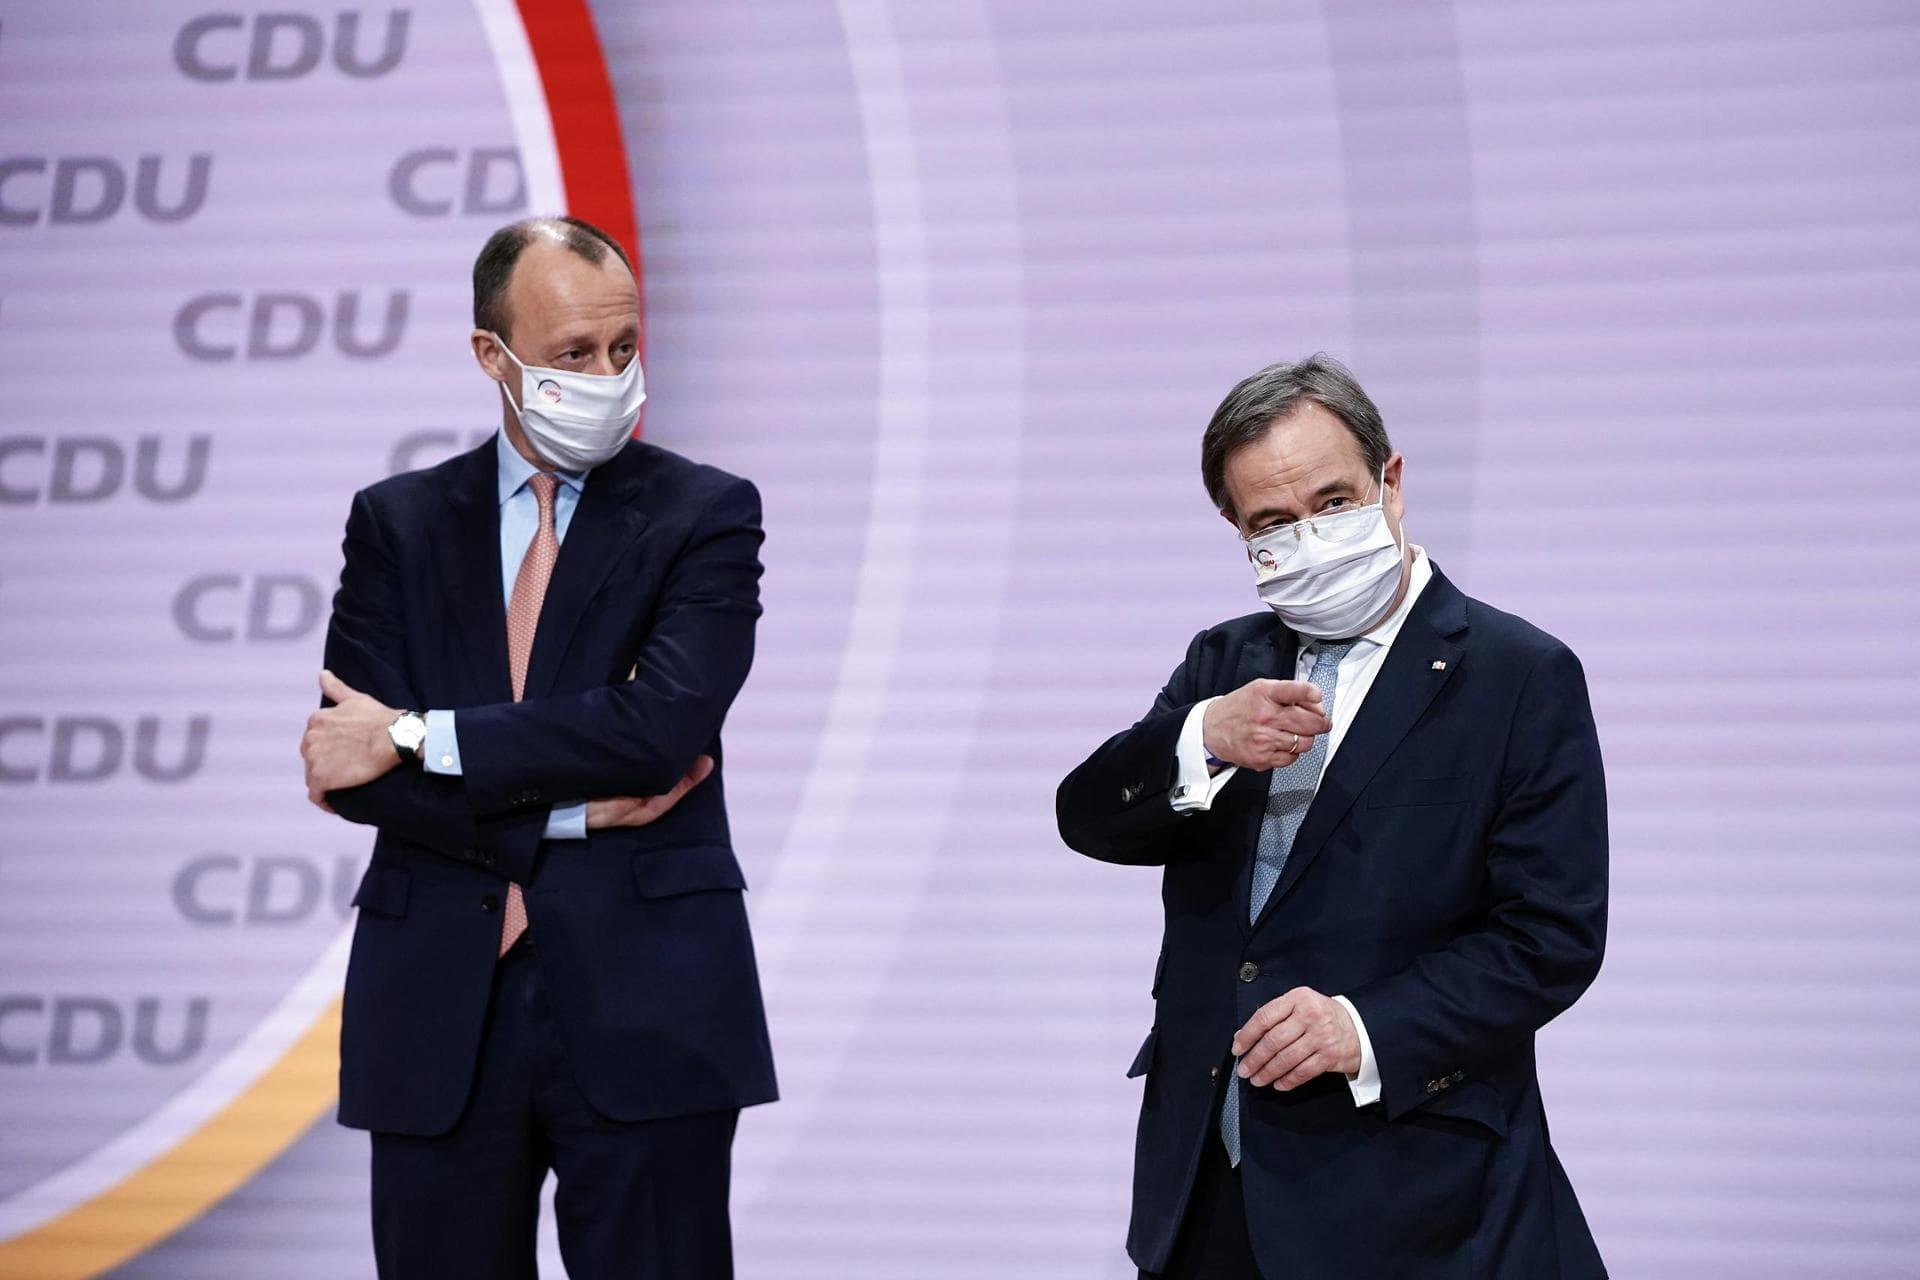 Laschet holt Merz in sein Wahlkampfteam Vor der Bundestagswahl